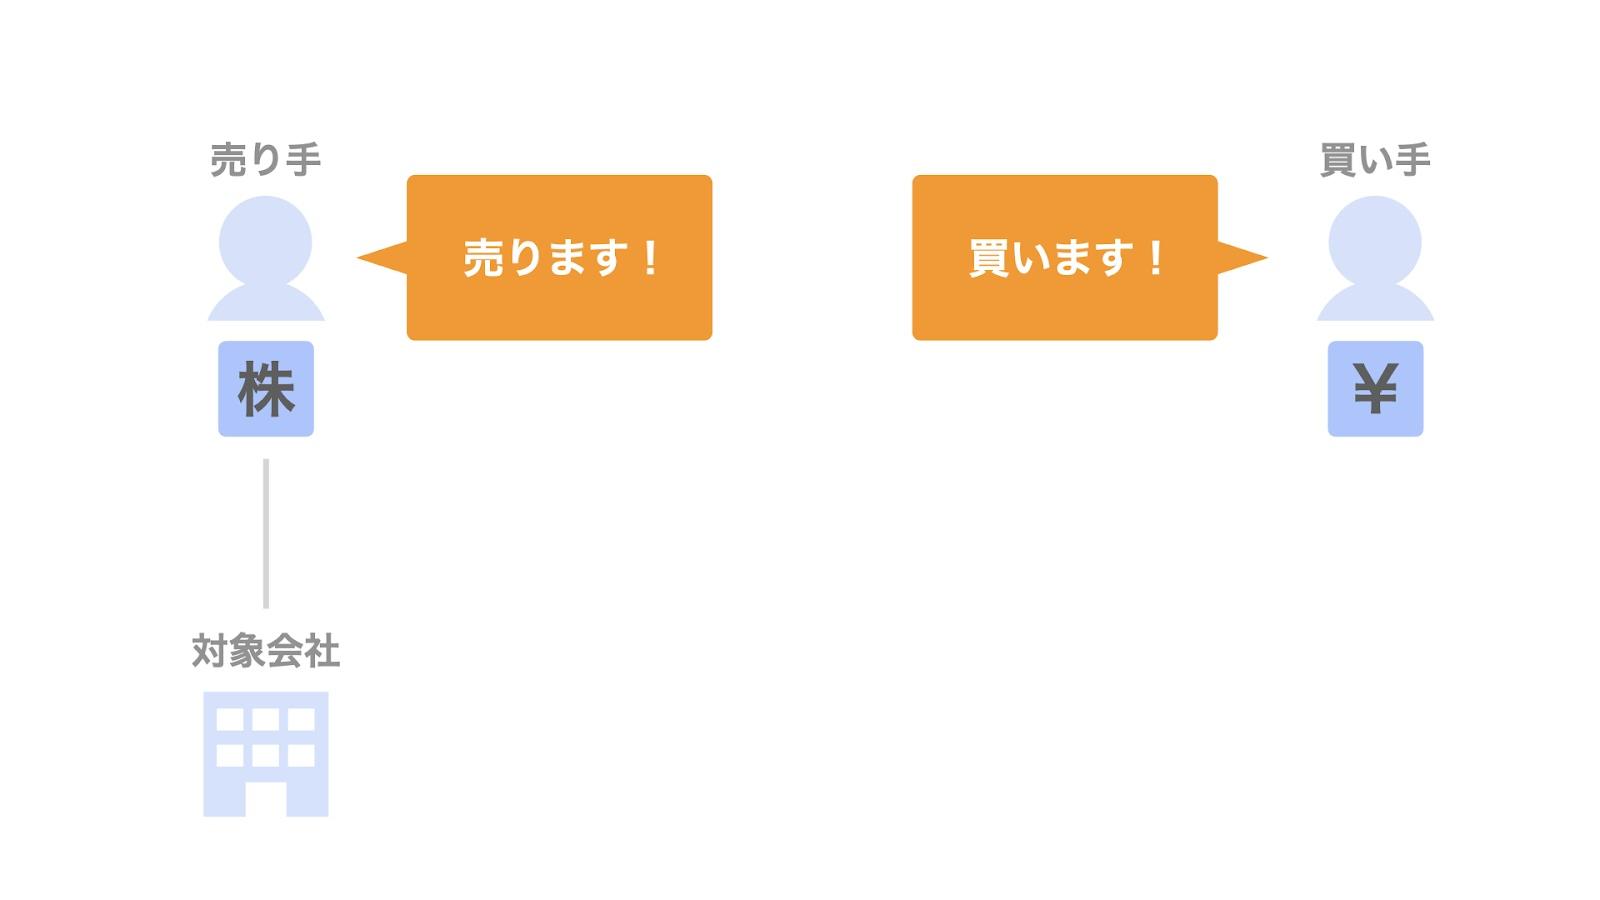 株式譲渡契約書における「譲渡の合意」